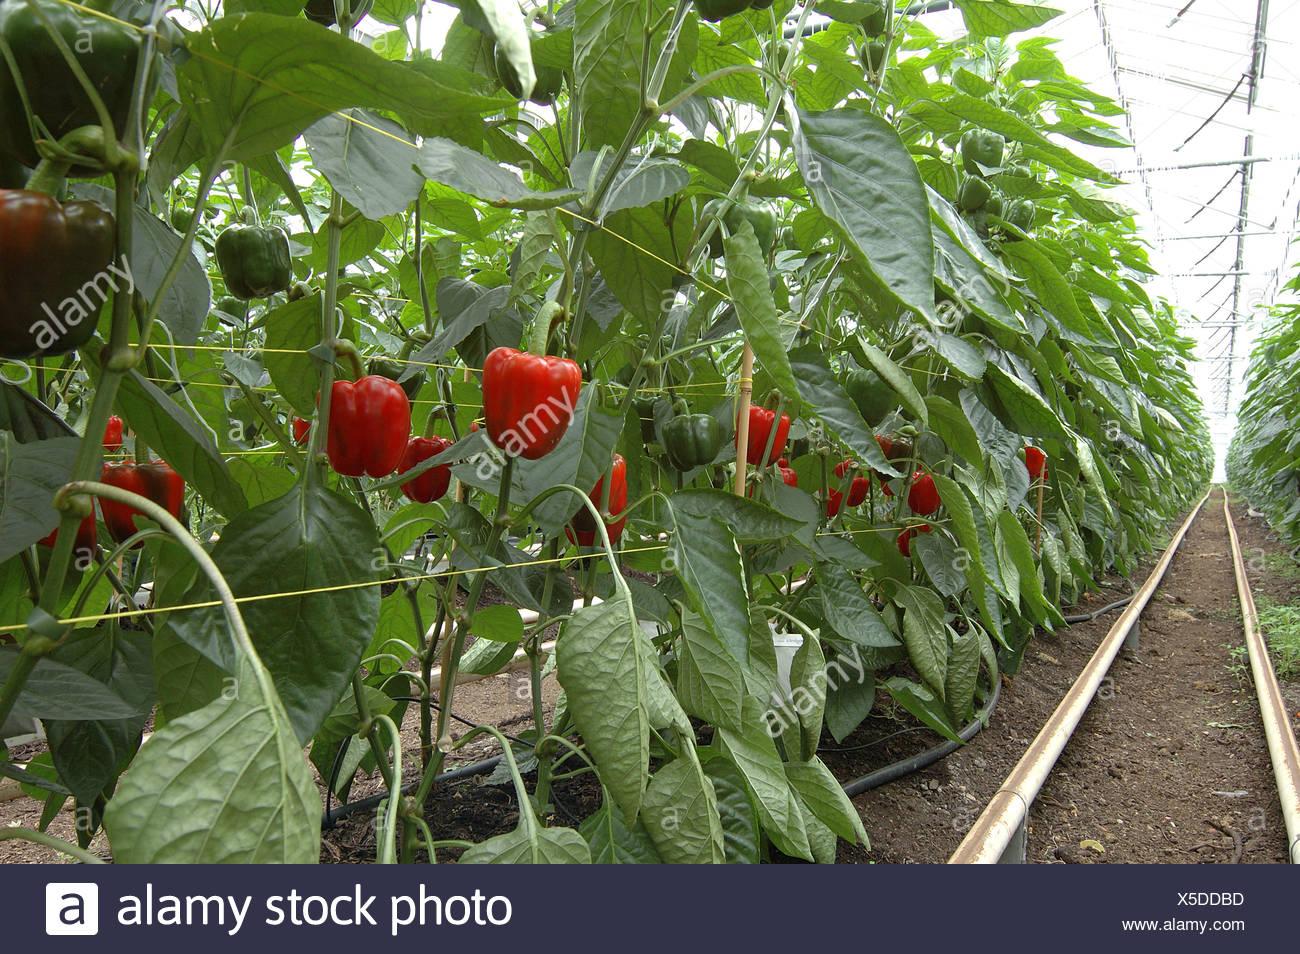 Pimientos rojos orgánica maduración en invernadero comercial Imagen De Stock